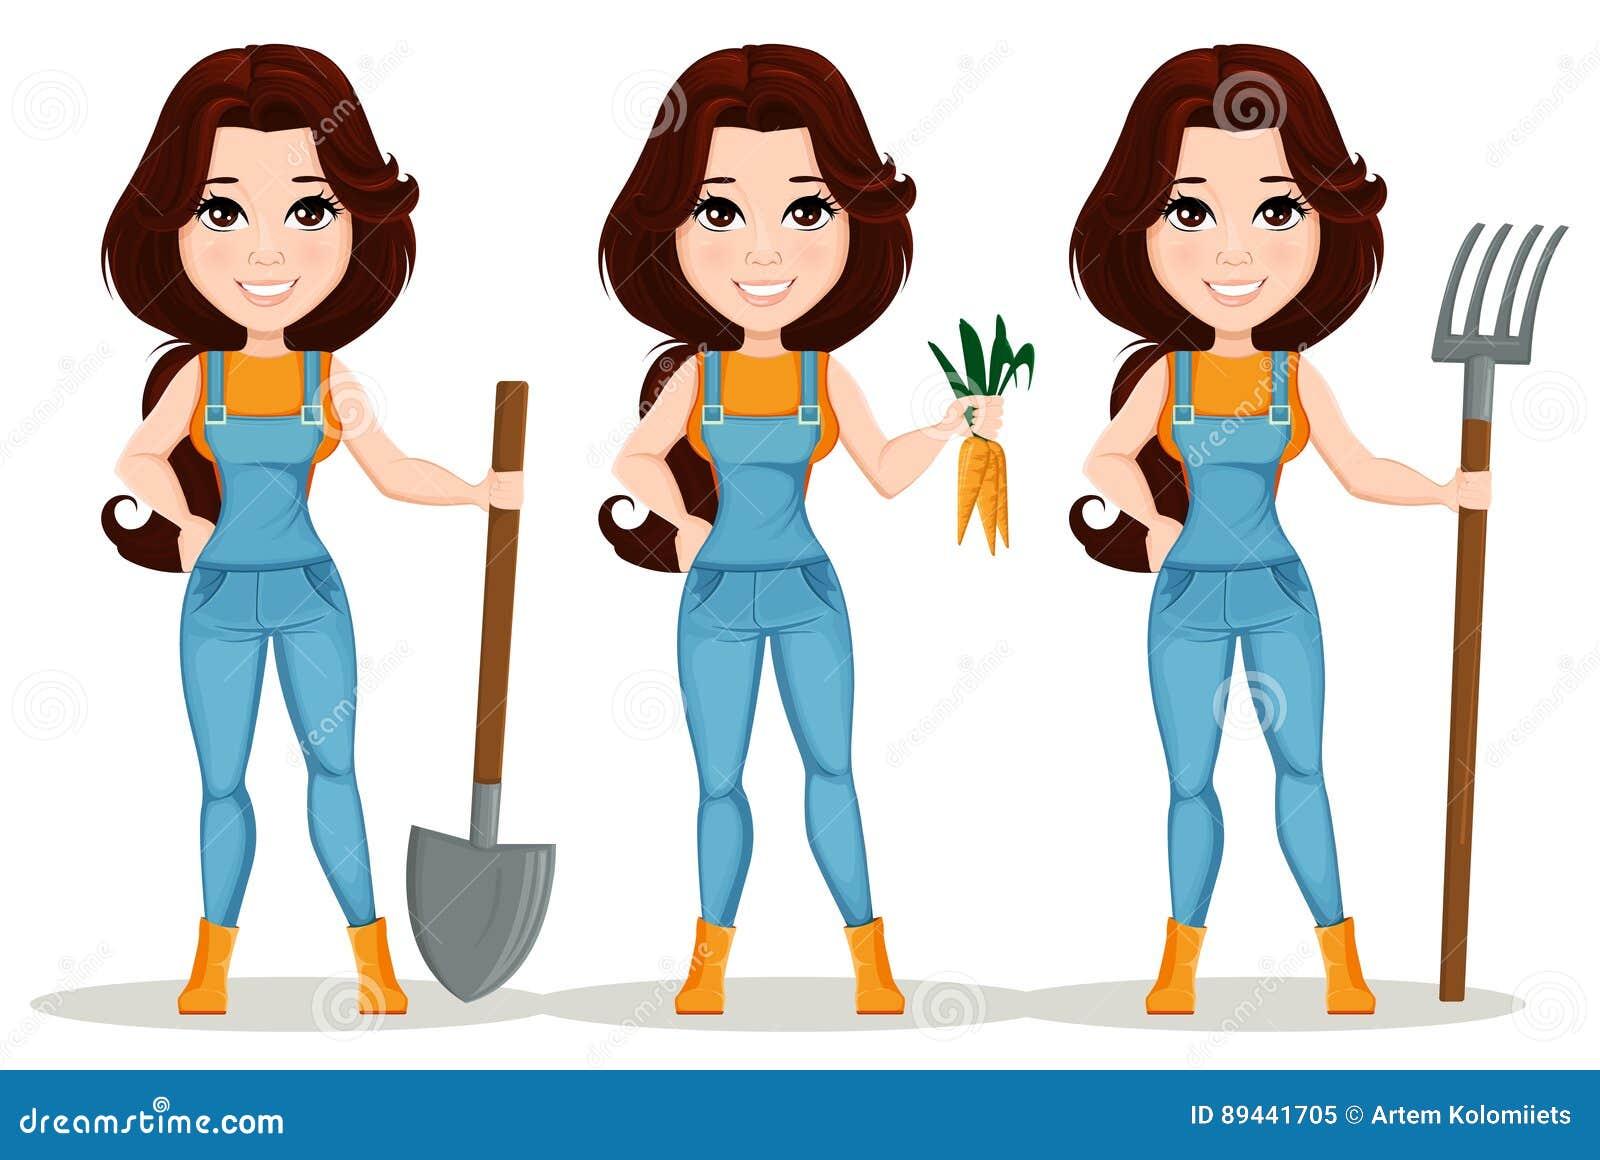 Rencontre fille d'agriculteur